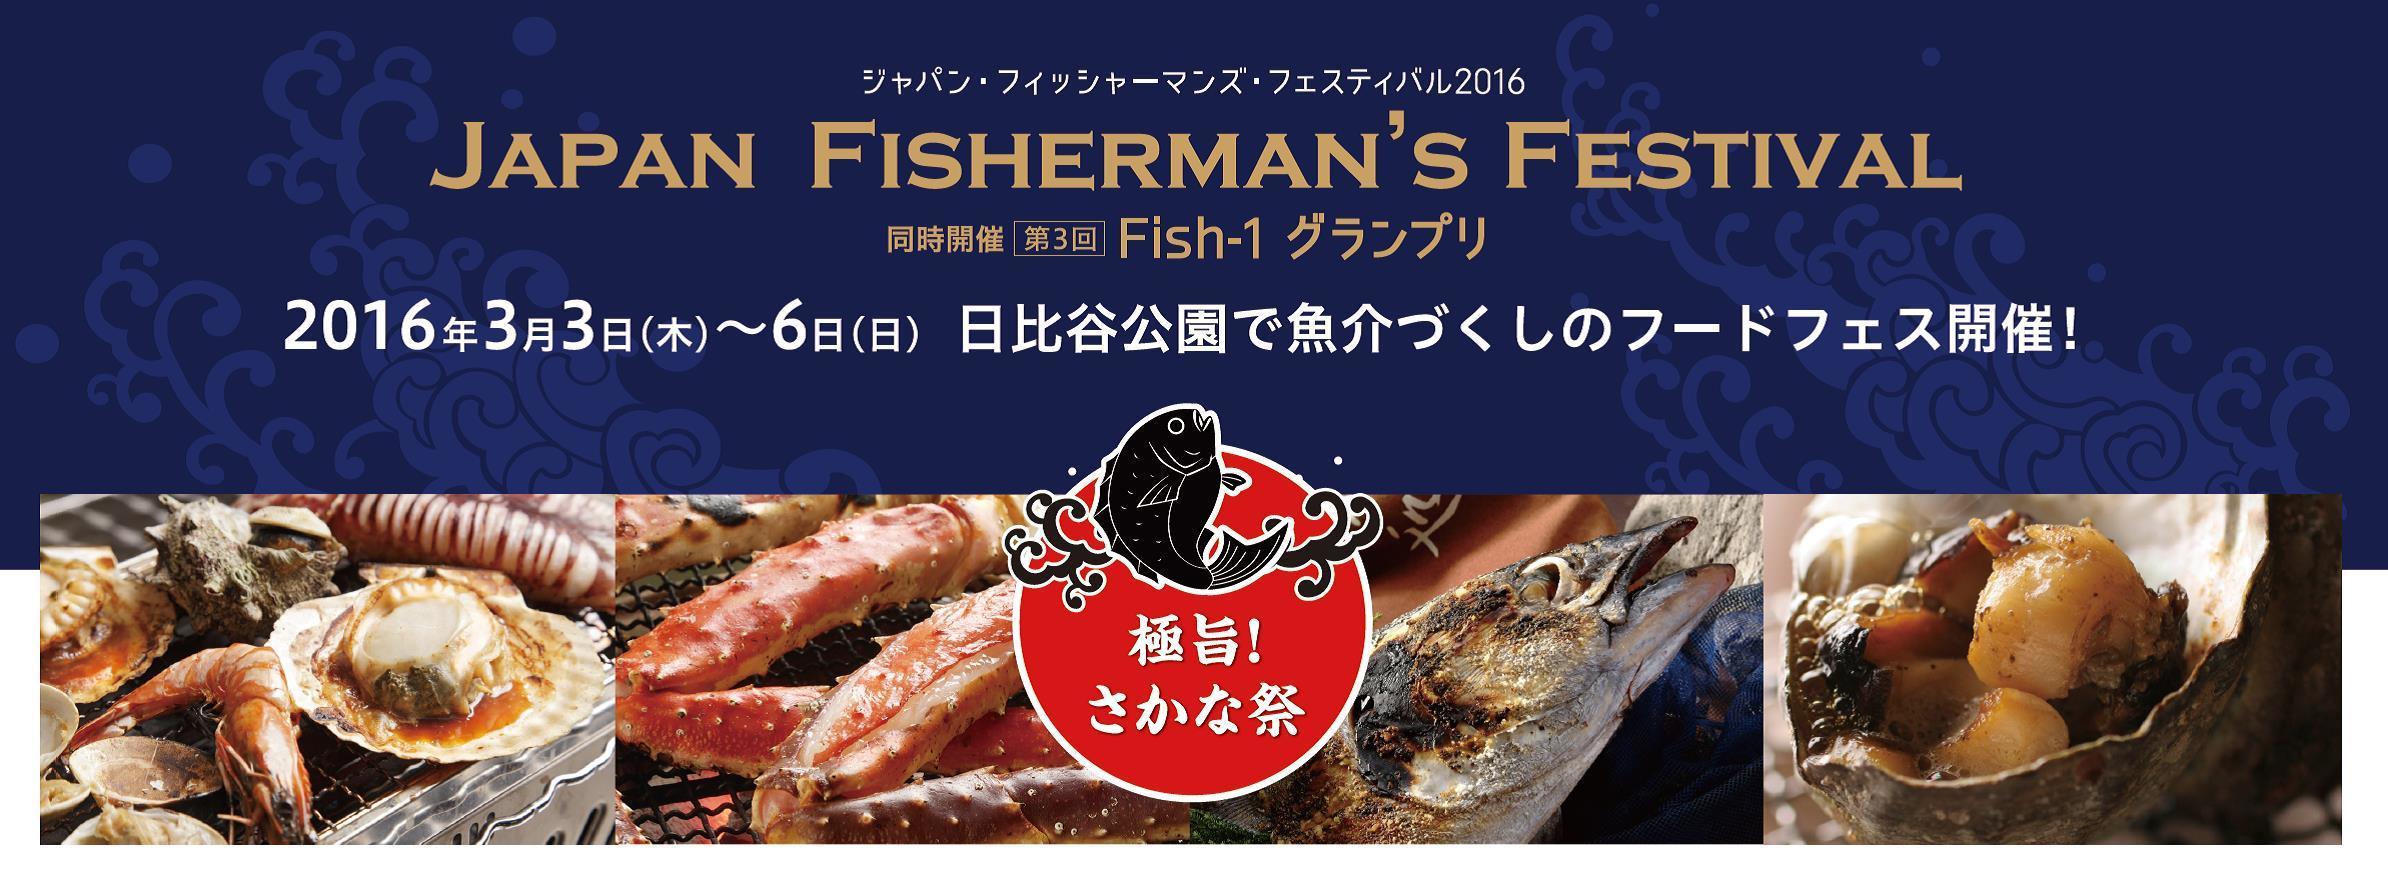 ジャパン・フィッシャーマンズ・フェスティバル2016 極旨!さかな祭